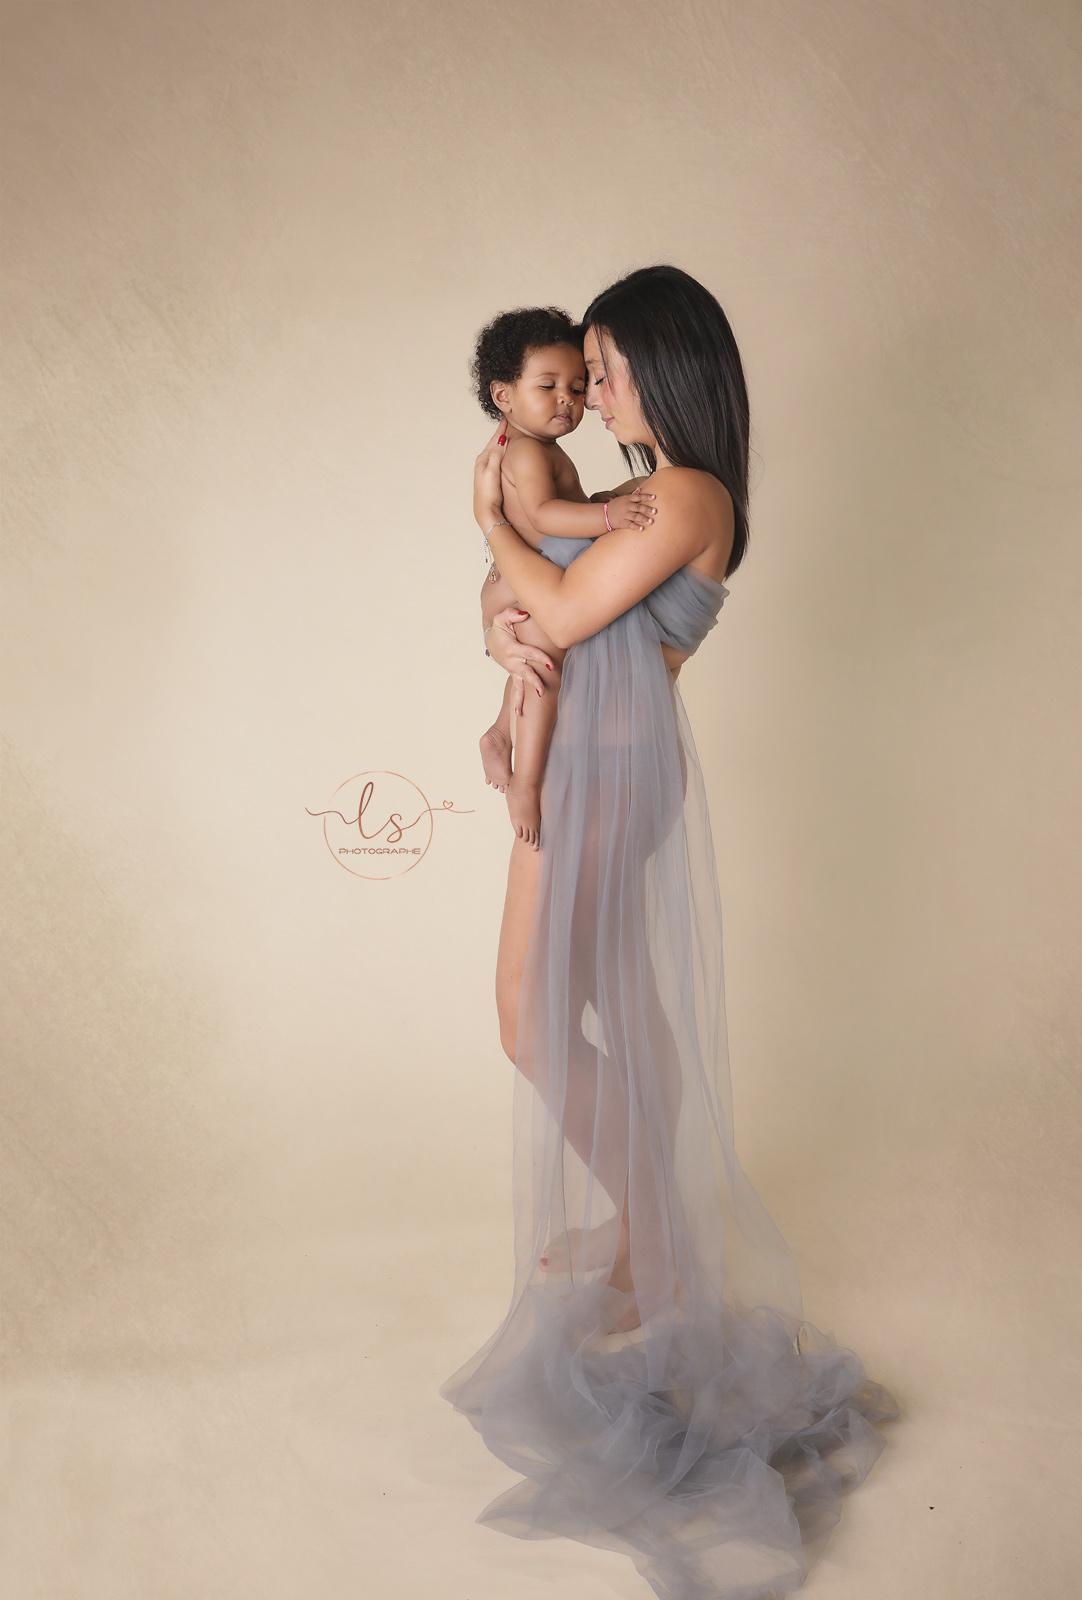 photo maman et bébé Belgique photographe studio